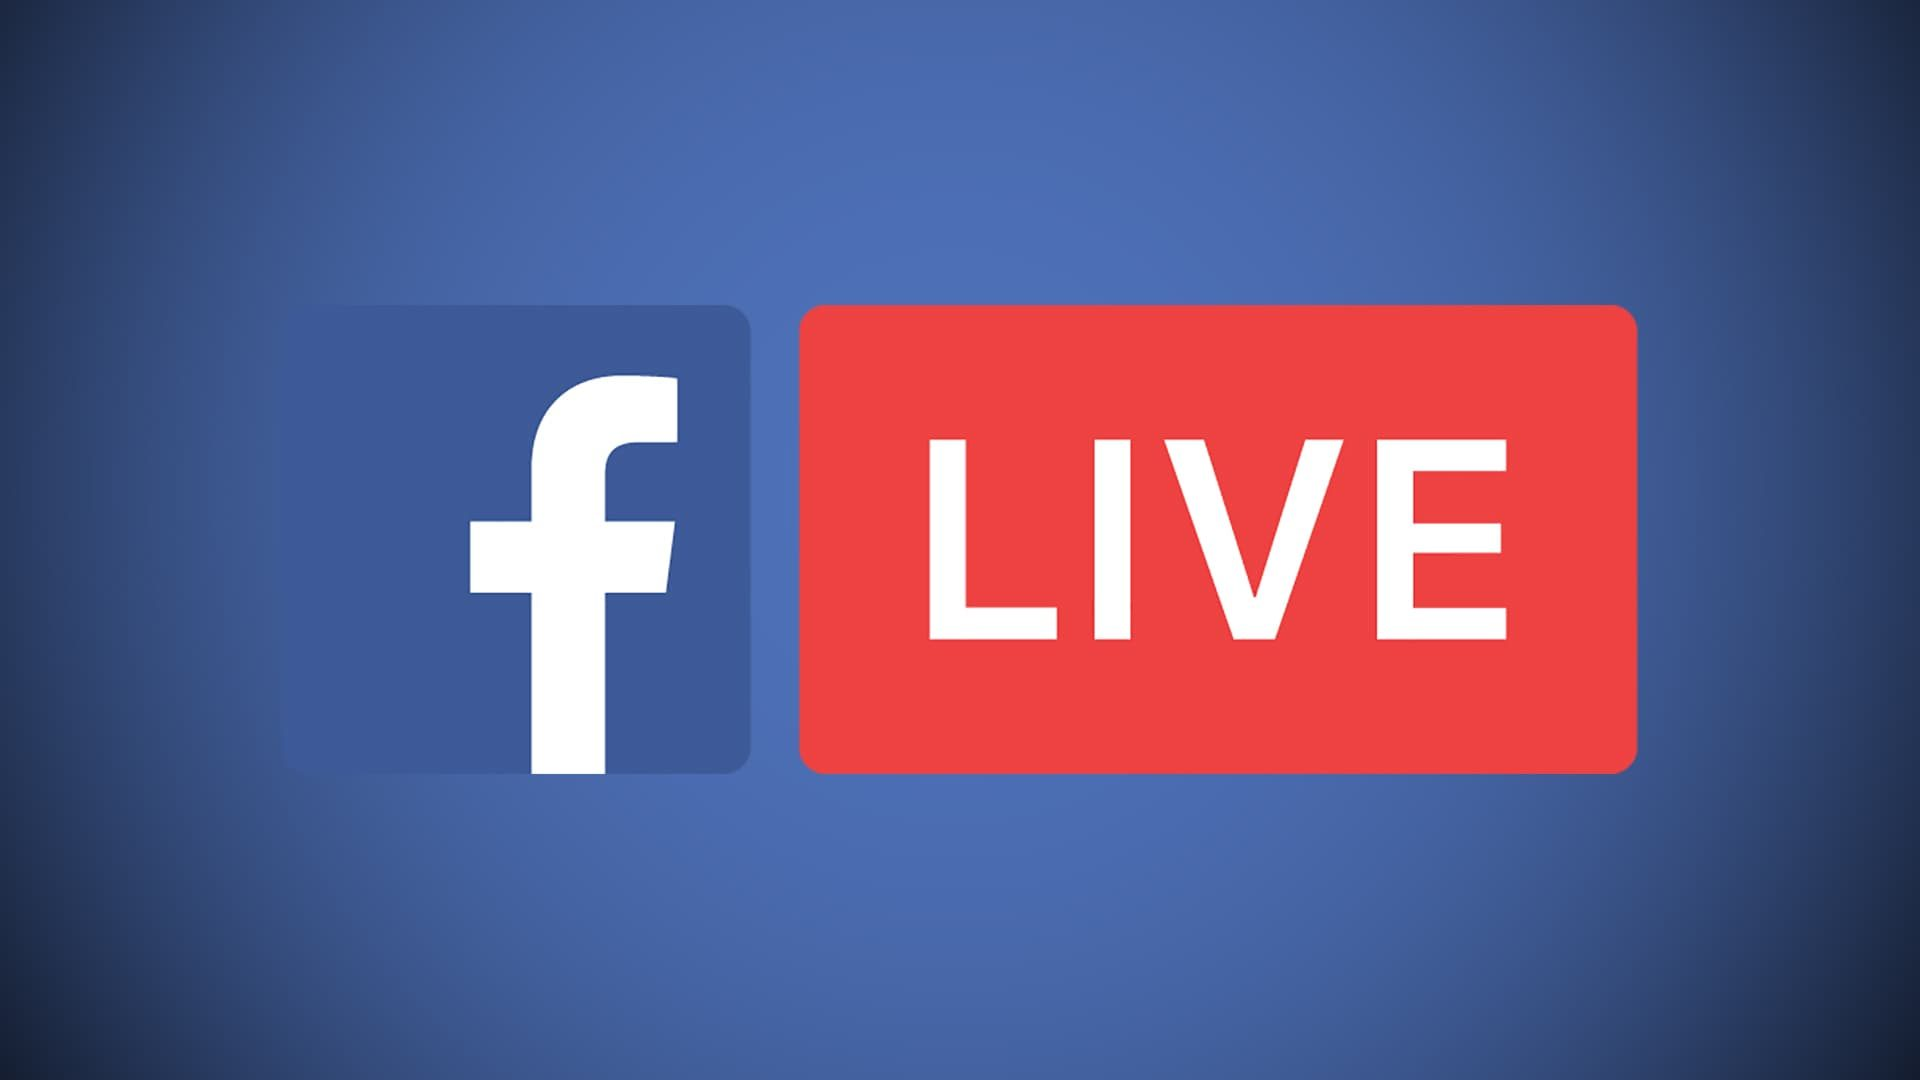 Facebook come trasmettere video in diretta